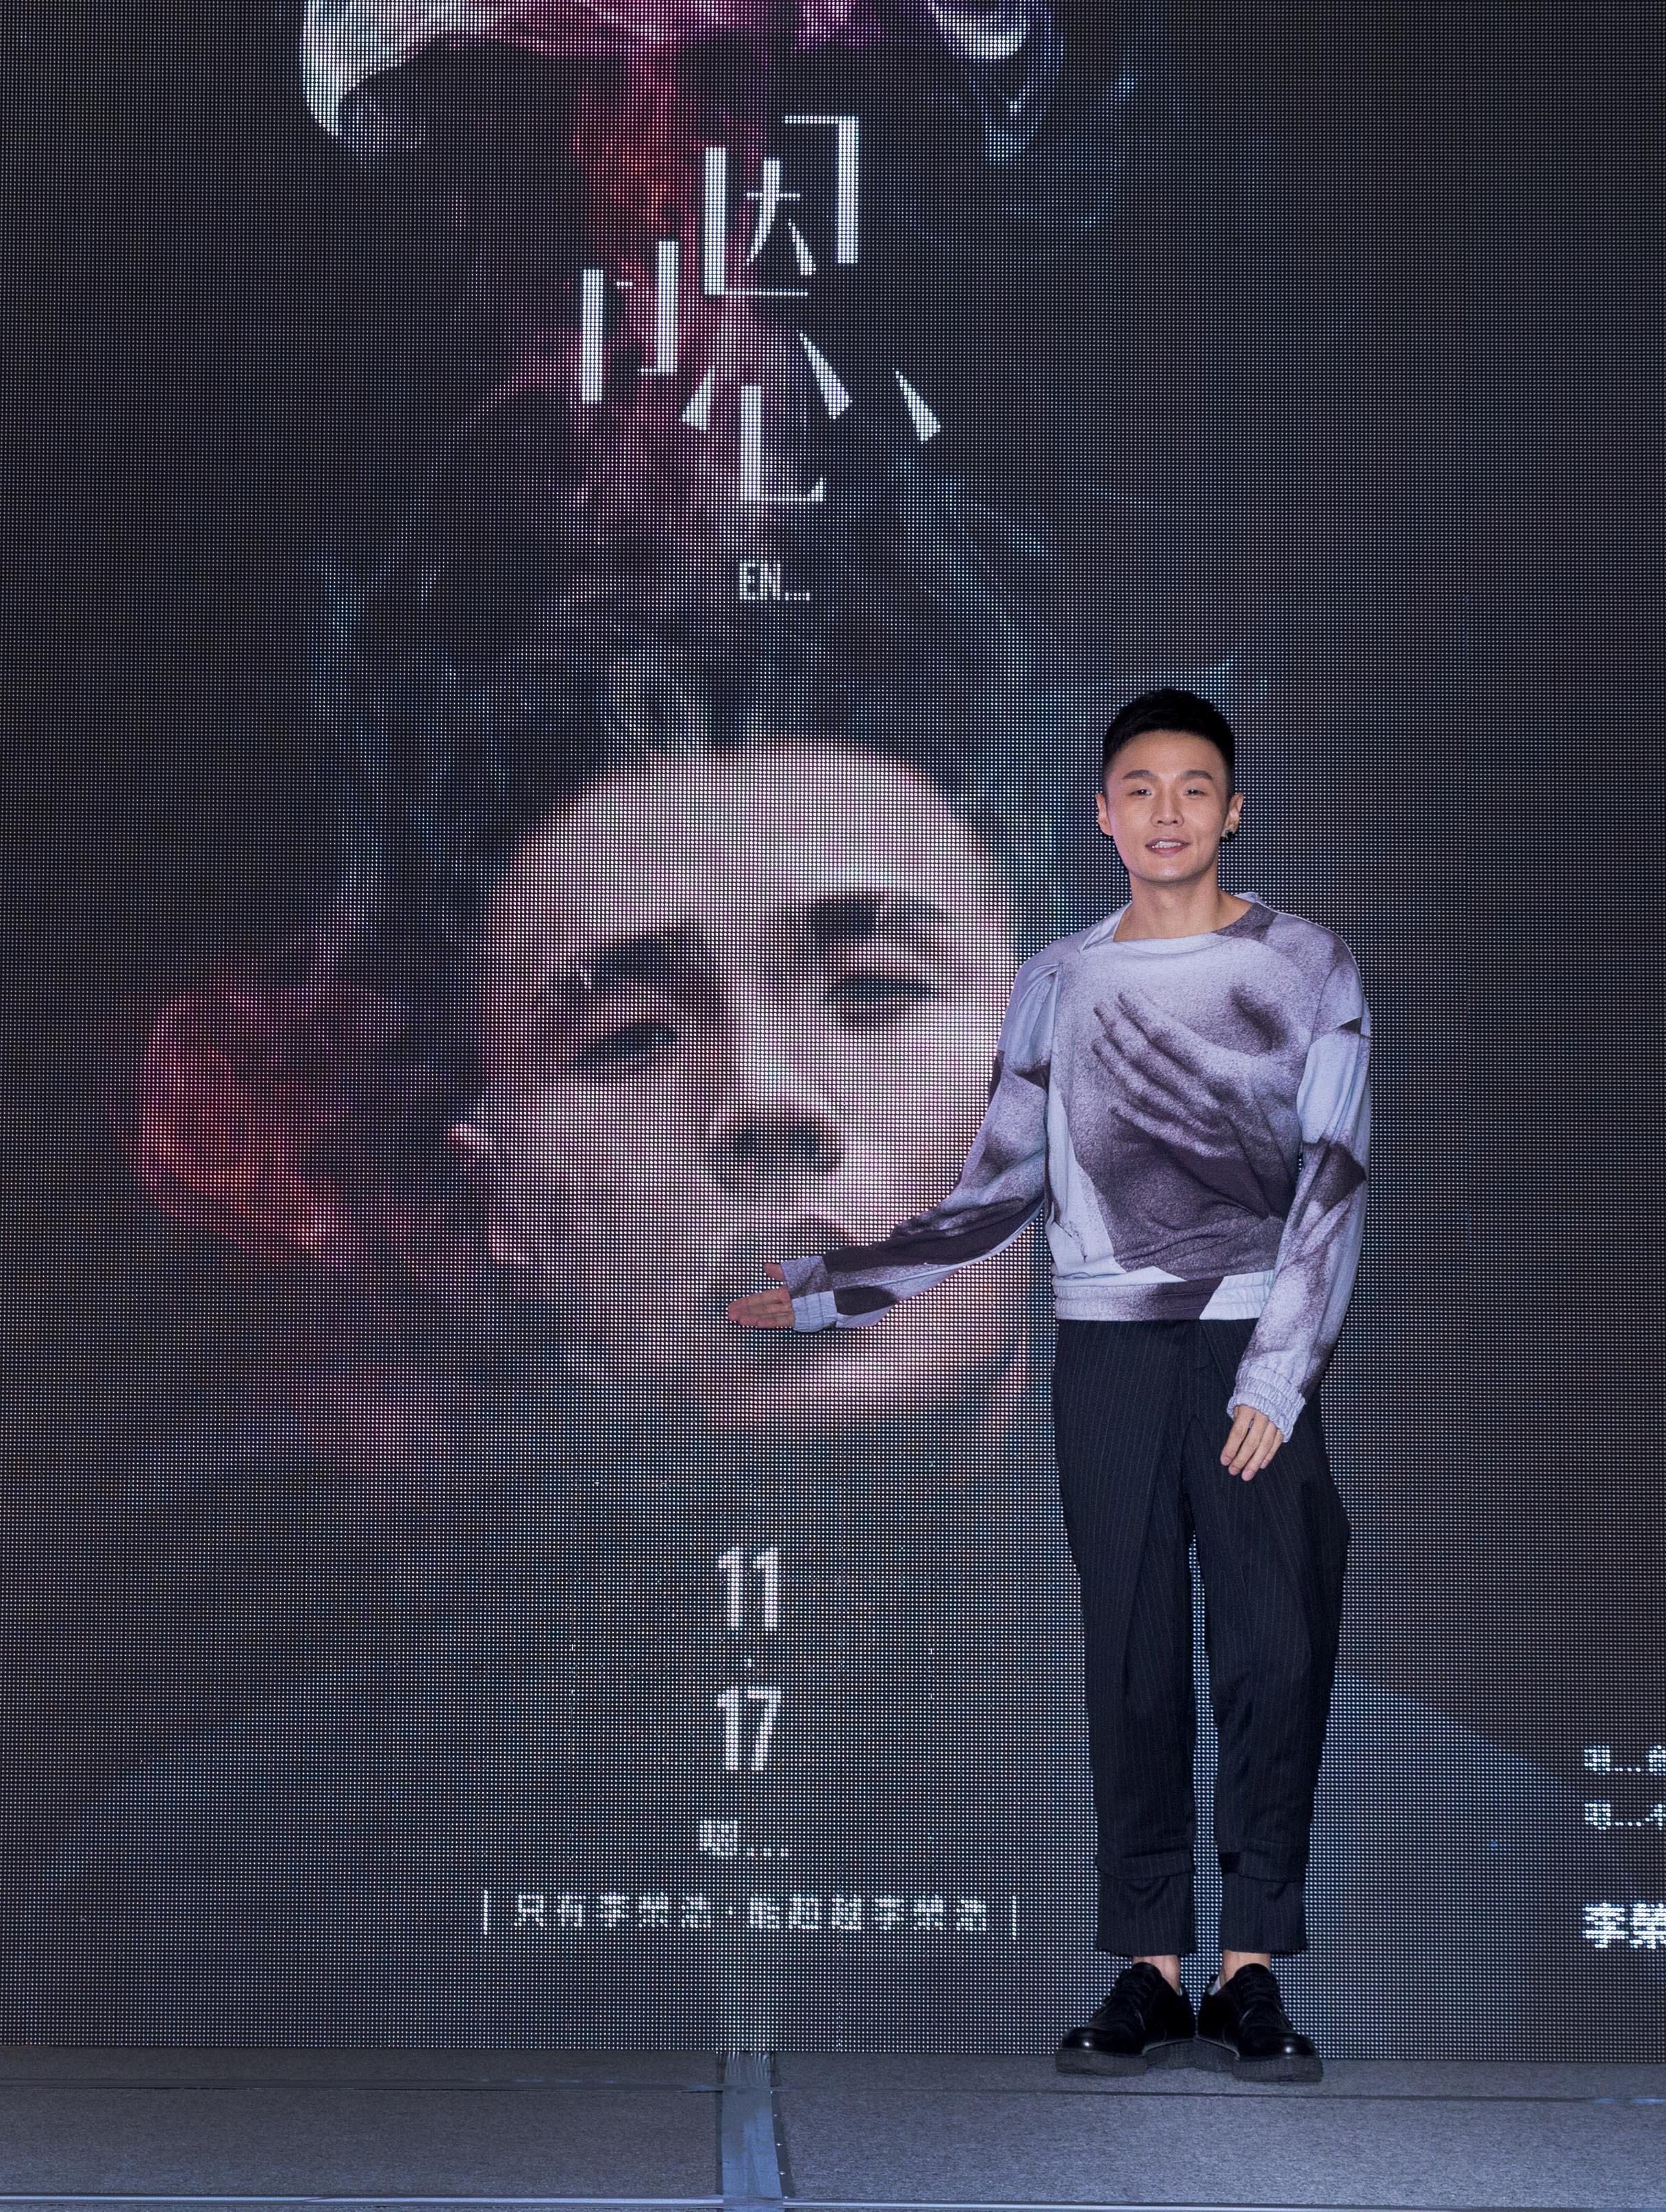 李荣浩新专辑《嗯》隆重发行 华纳高层祝福